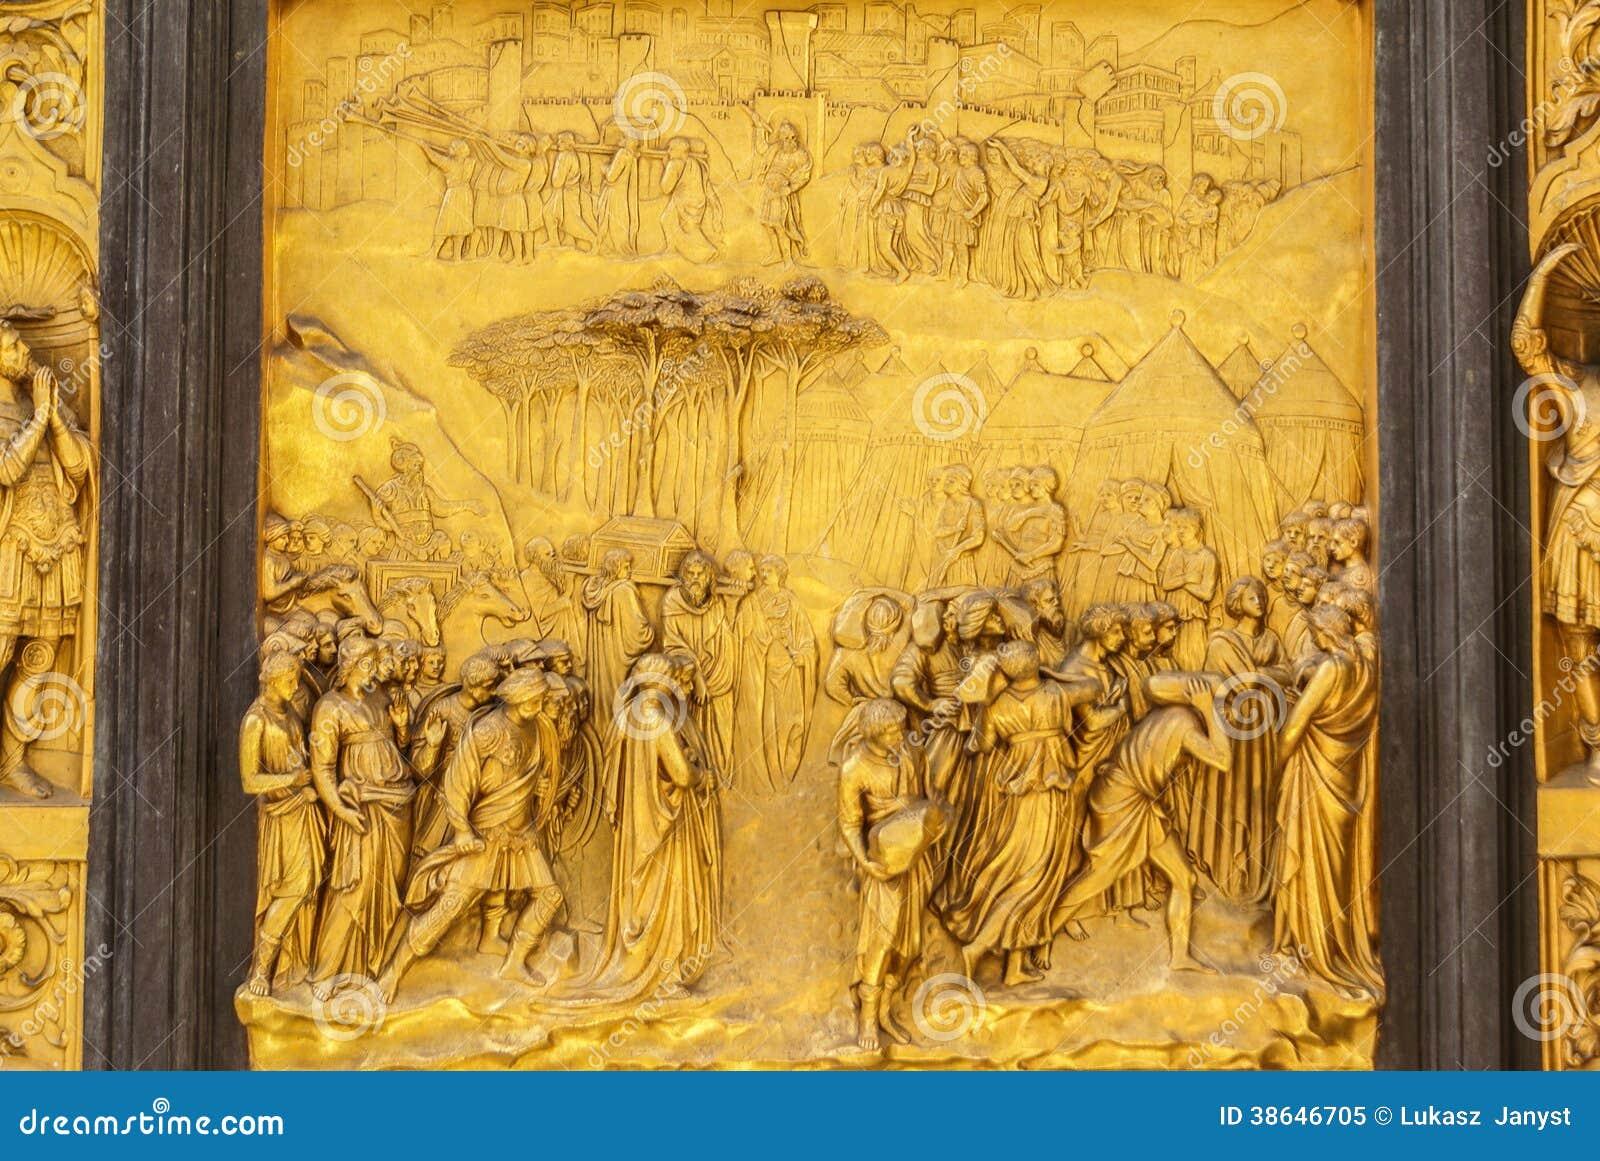 Dettaglio delle porte del paradiso in Battisteroi